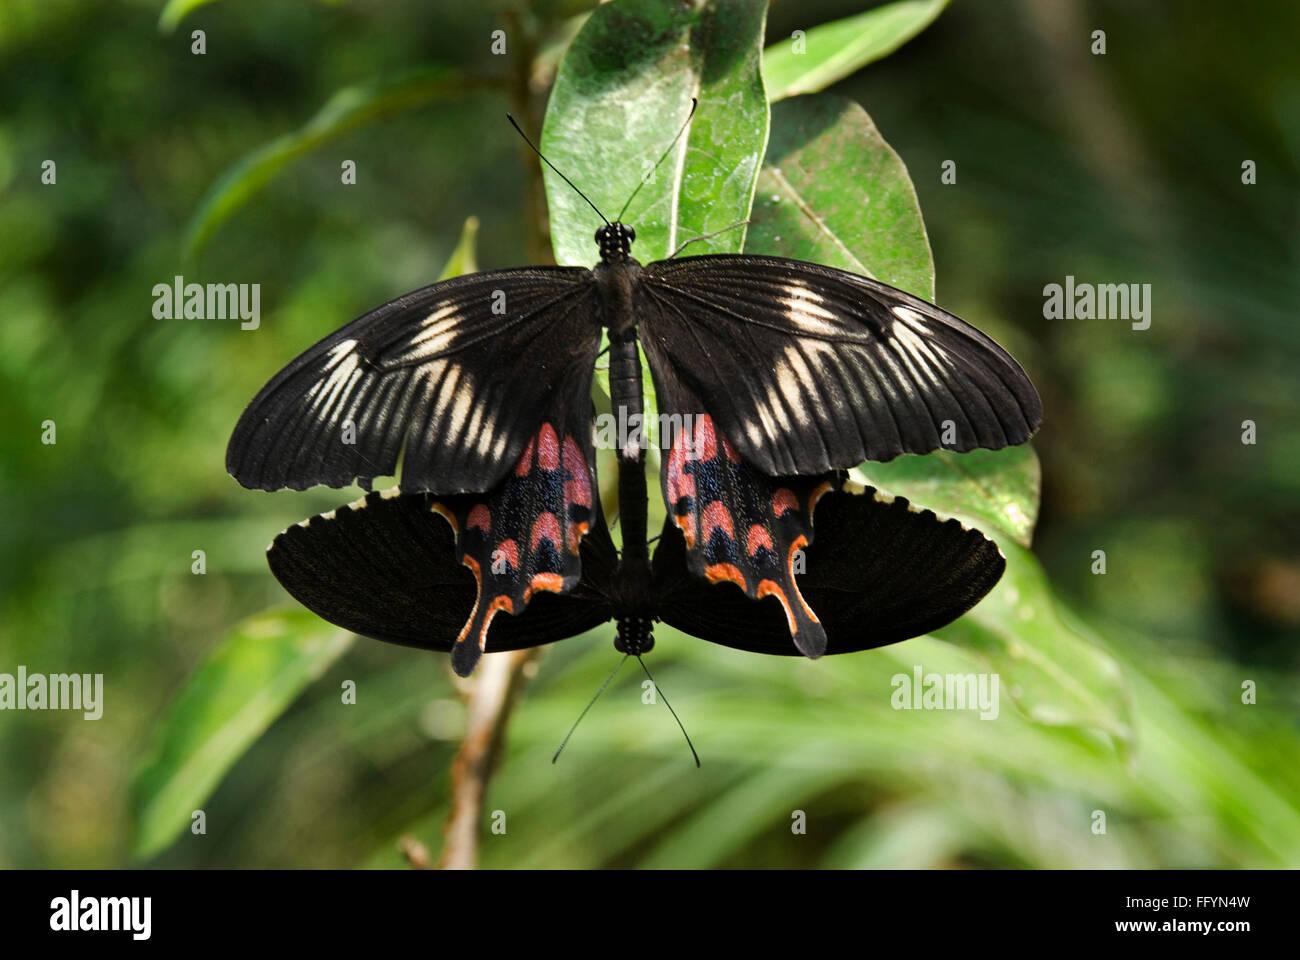 Comune di accoppiamento mormone al Parco delle Farfalle Bannerghatta Bangalore Karnataka India Asia Foto Stock